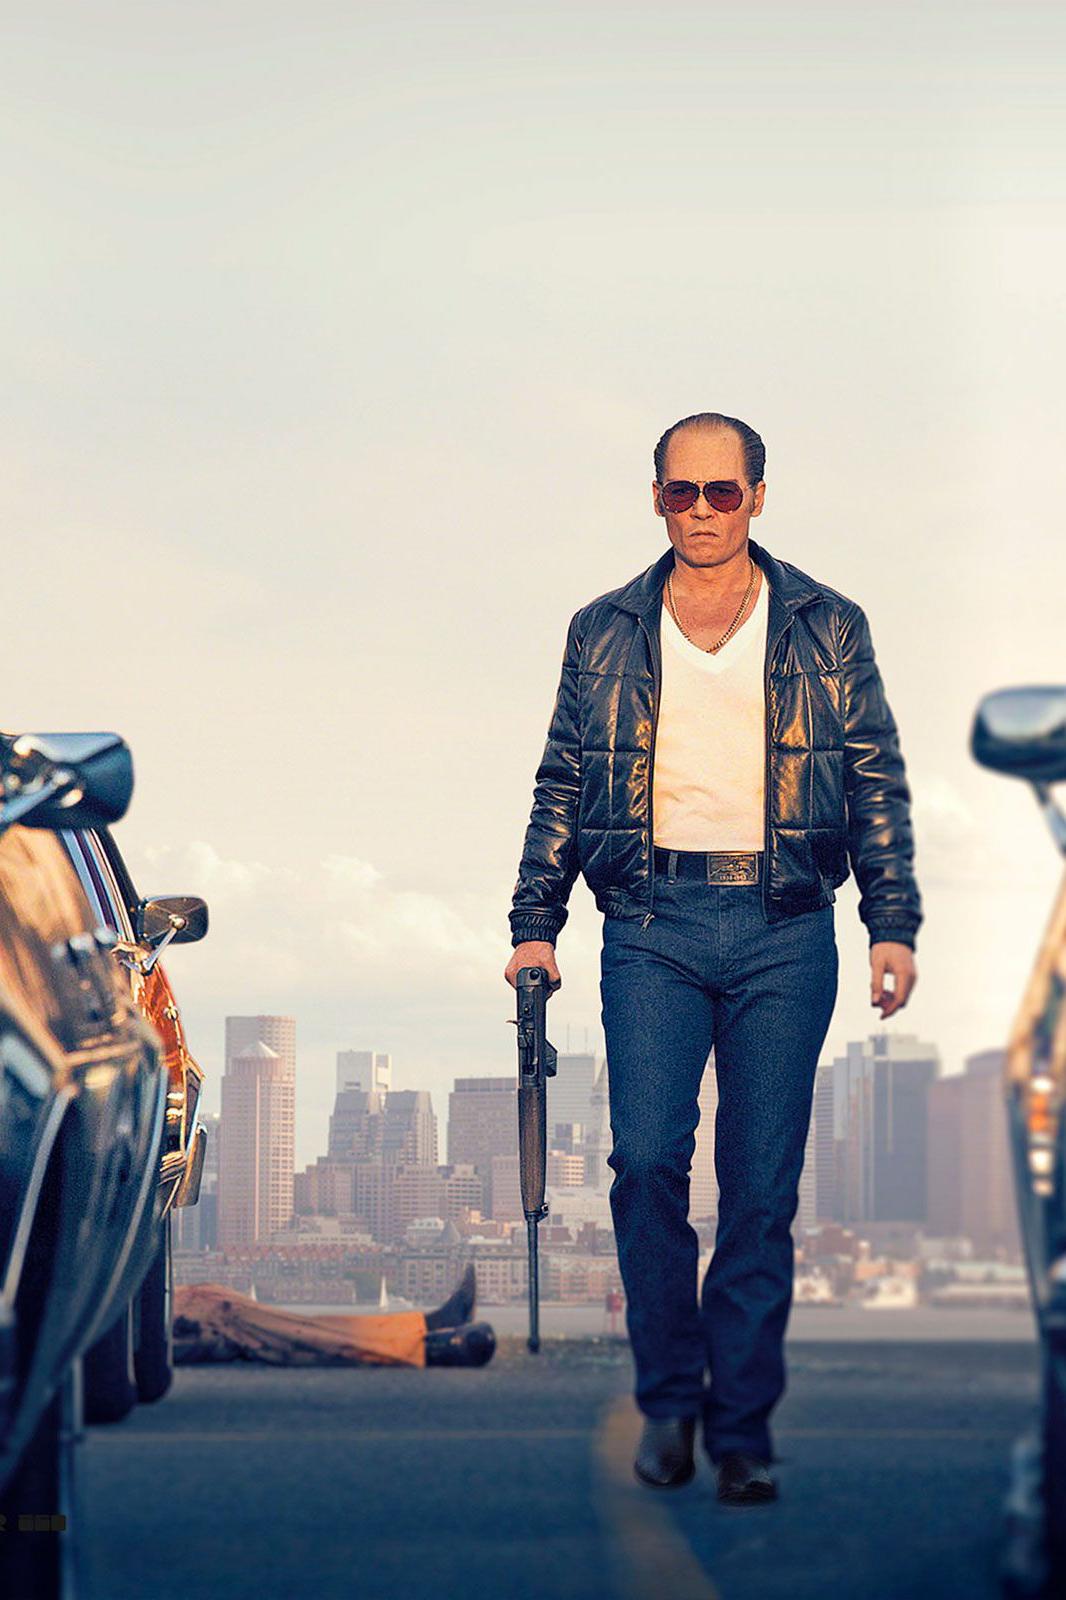 Johnny Depp na telona como um dos criminosos mais famosos dos EUA